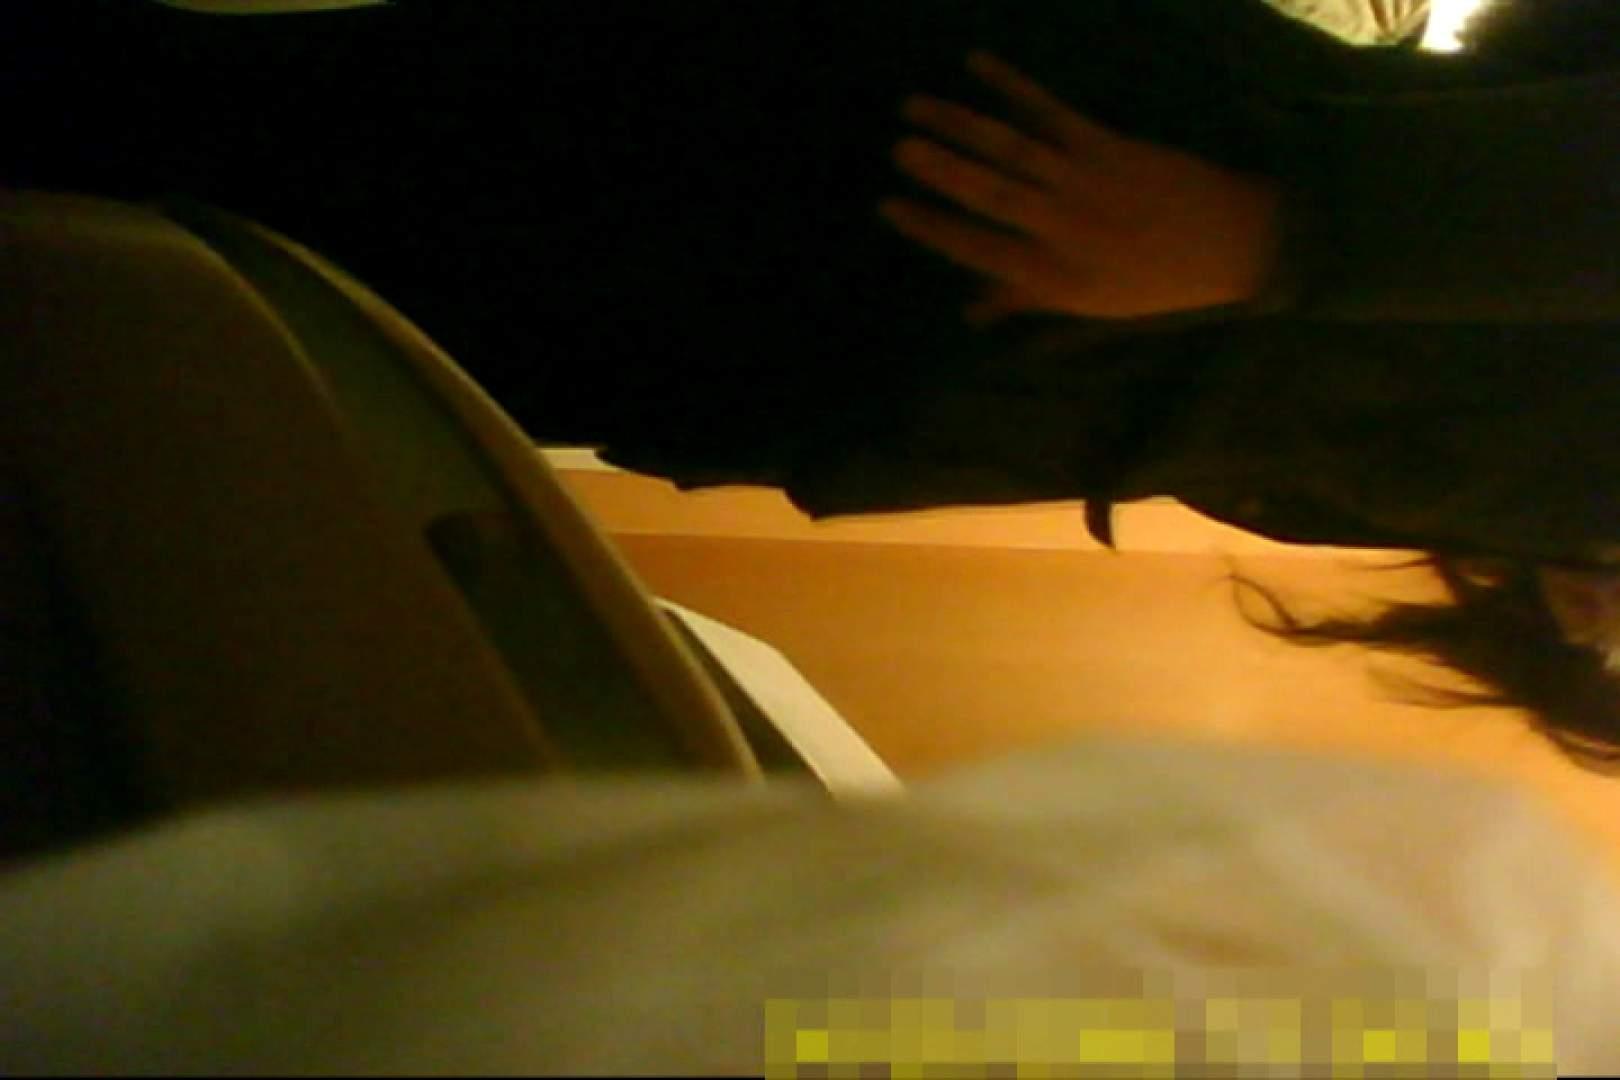 魅惑の化粧室~禁断のプライベート空間~vol.10 OLのエロ生活 セックス無修正動画無料 68連発 5